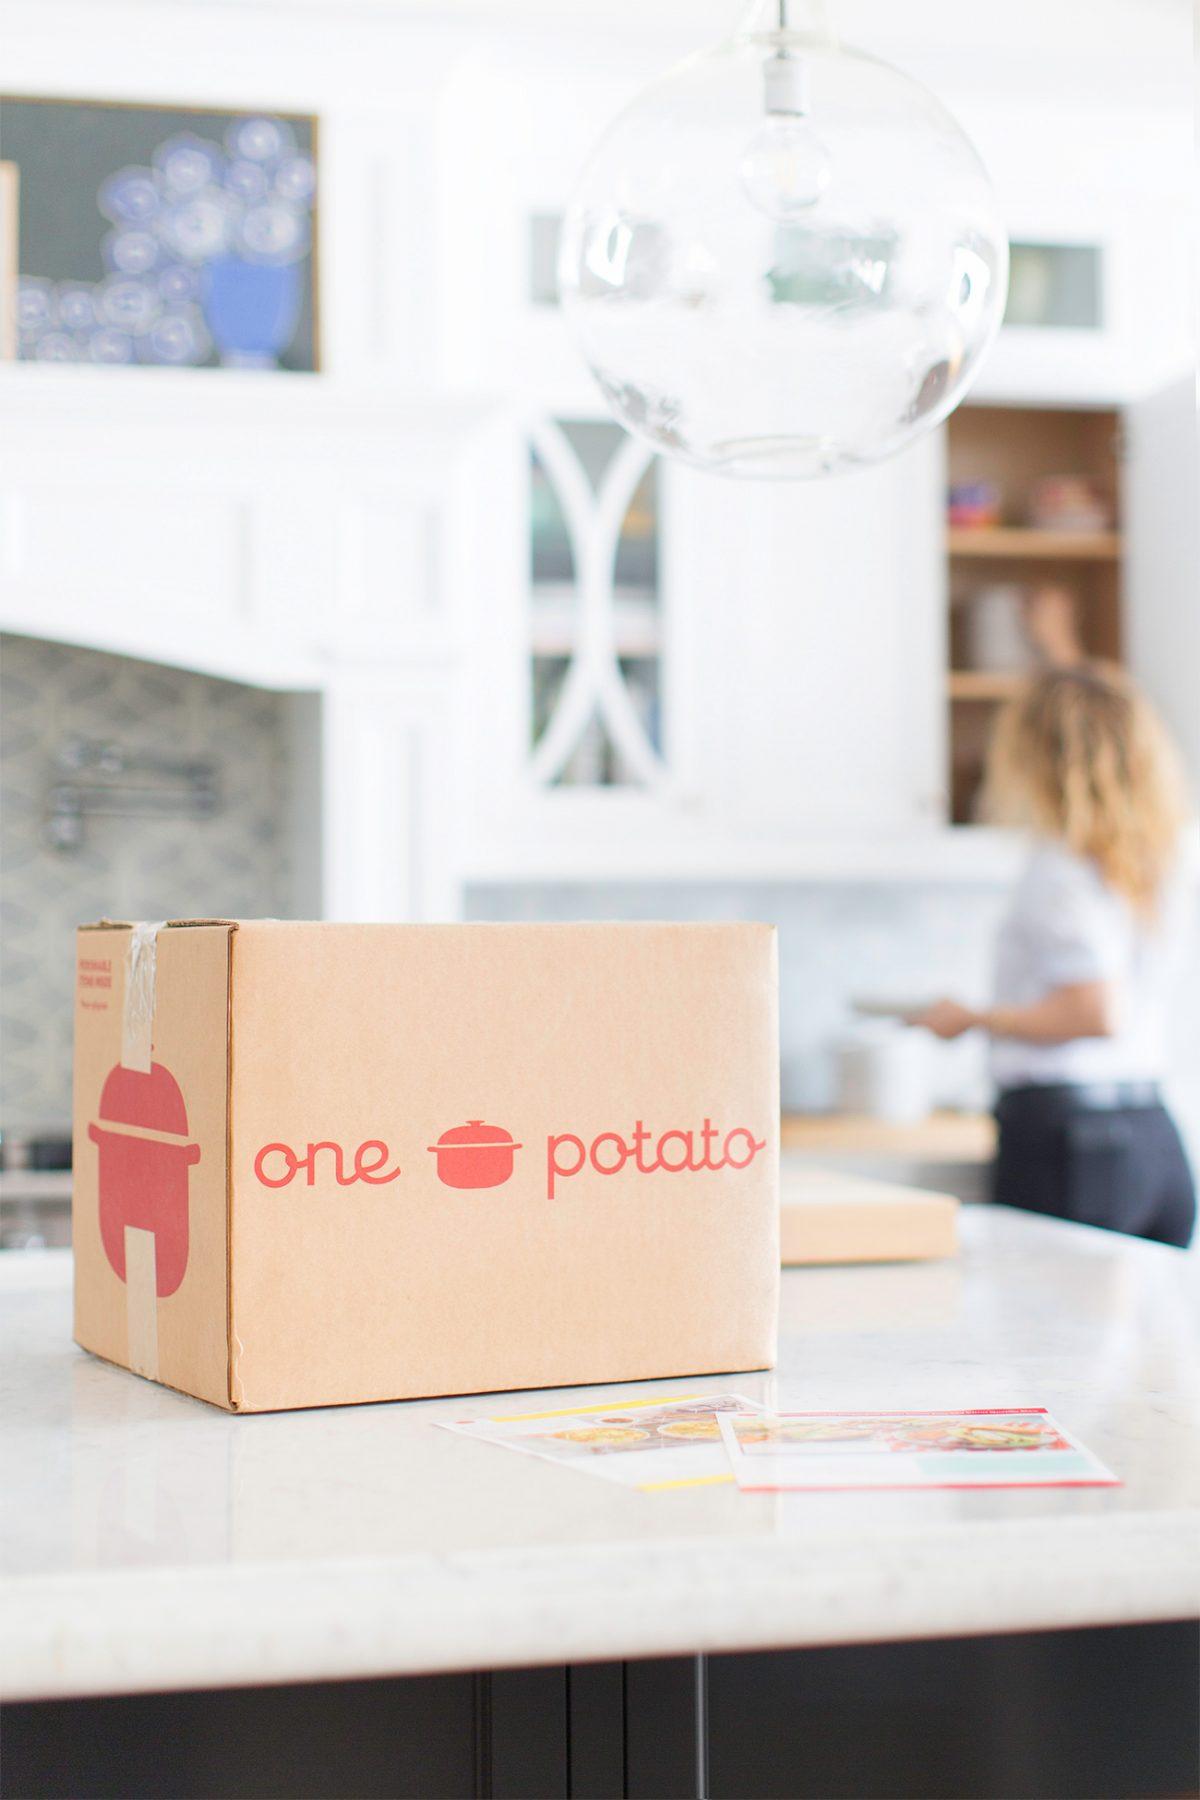 One Potato: Meal Kit Service